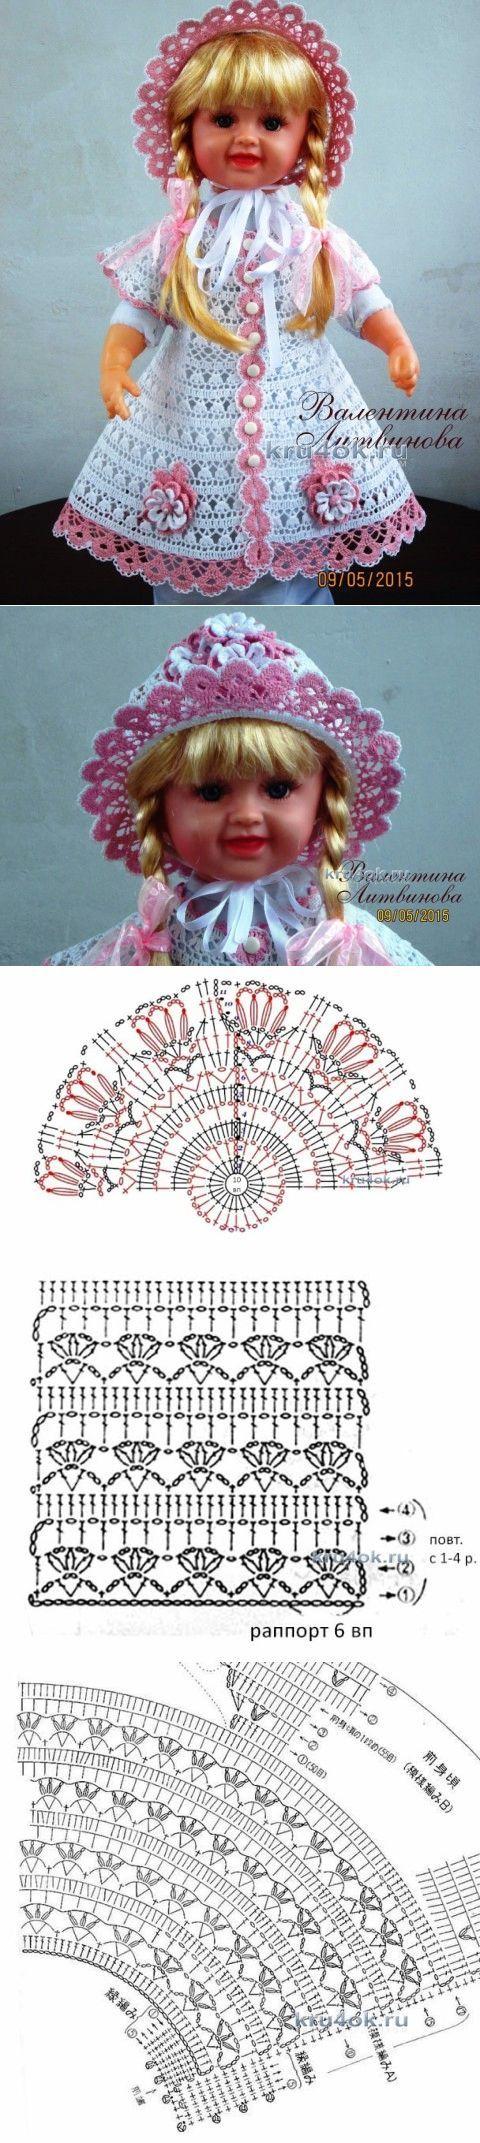 Платье, панама и капор для девочки — работы Валентины Литвиновой - вязание крючком на kru4ok.ru